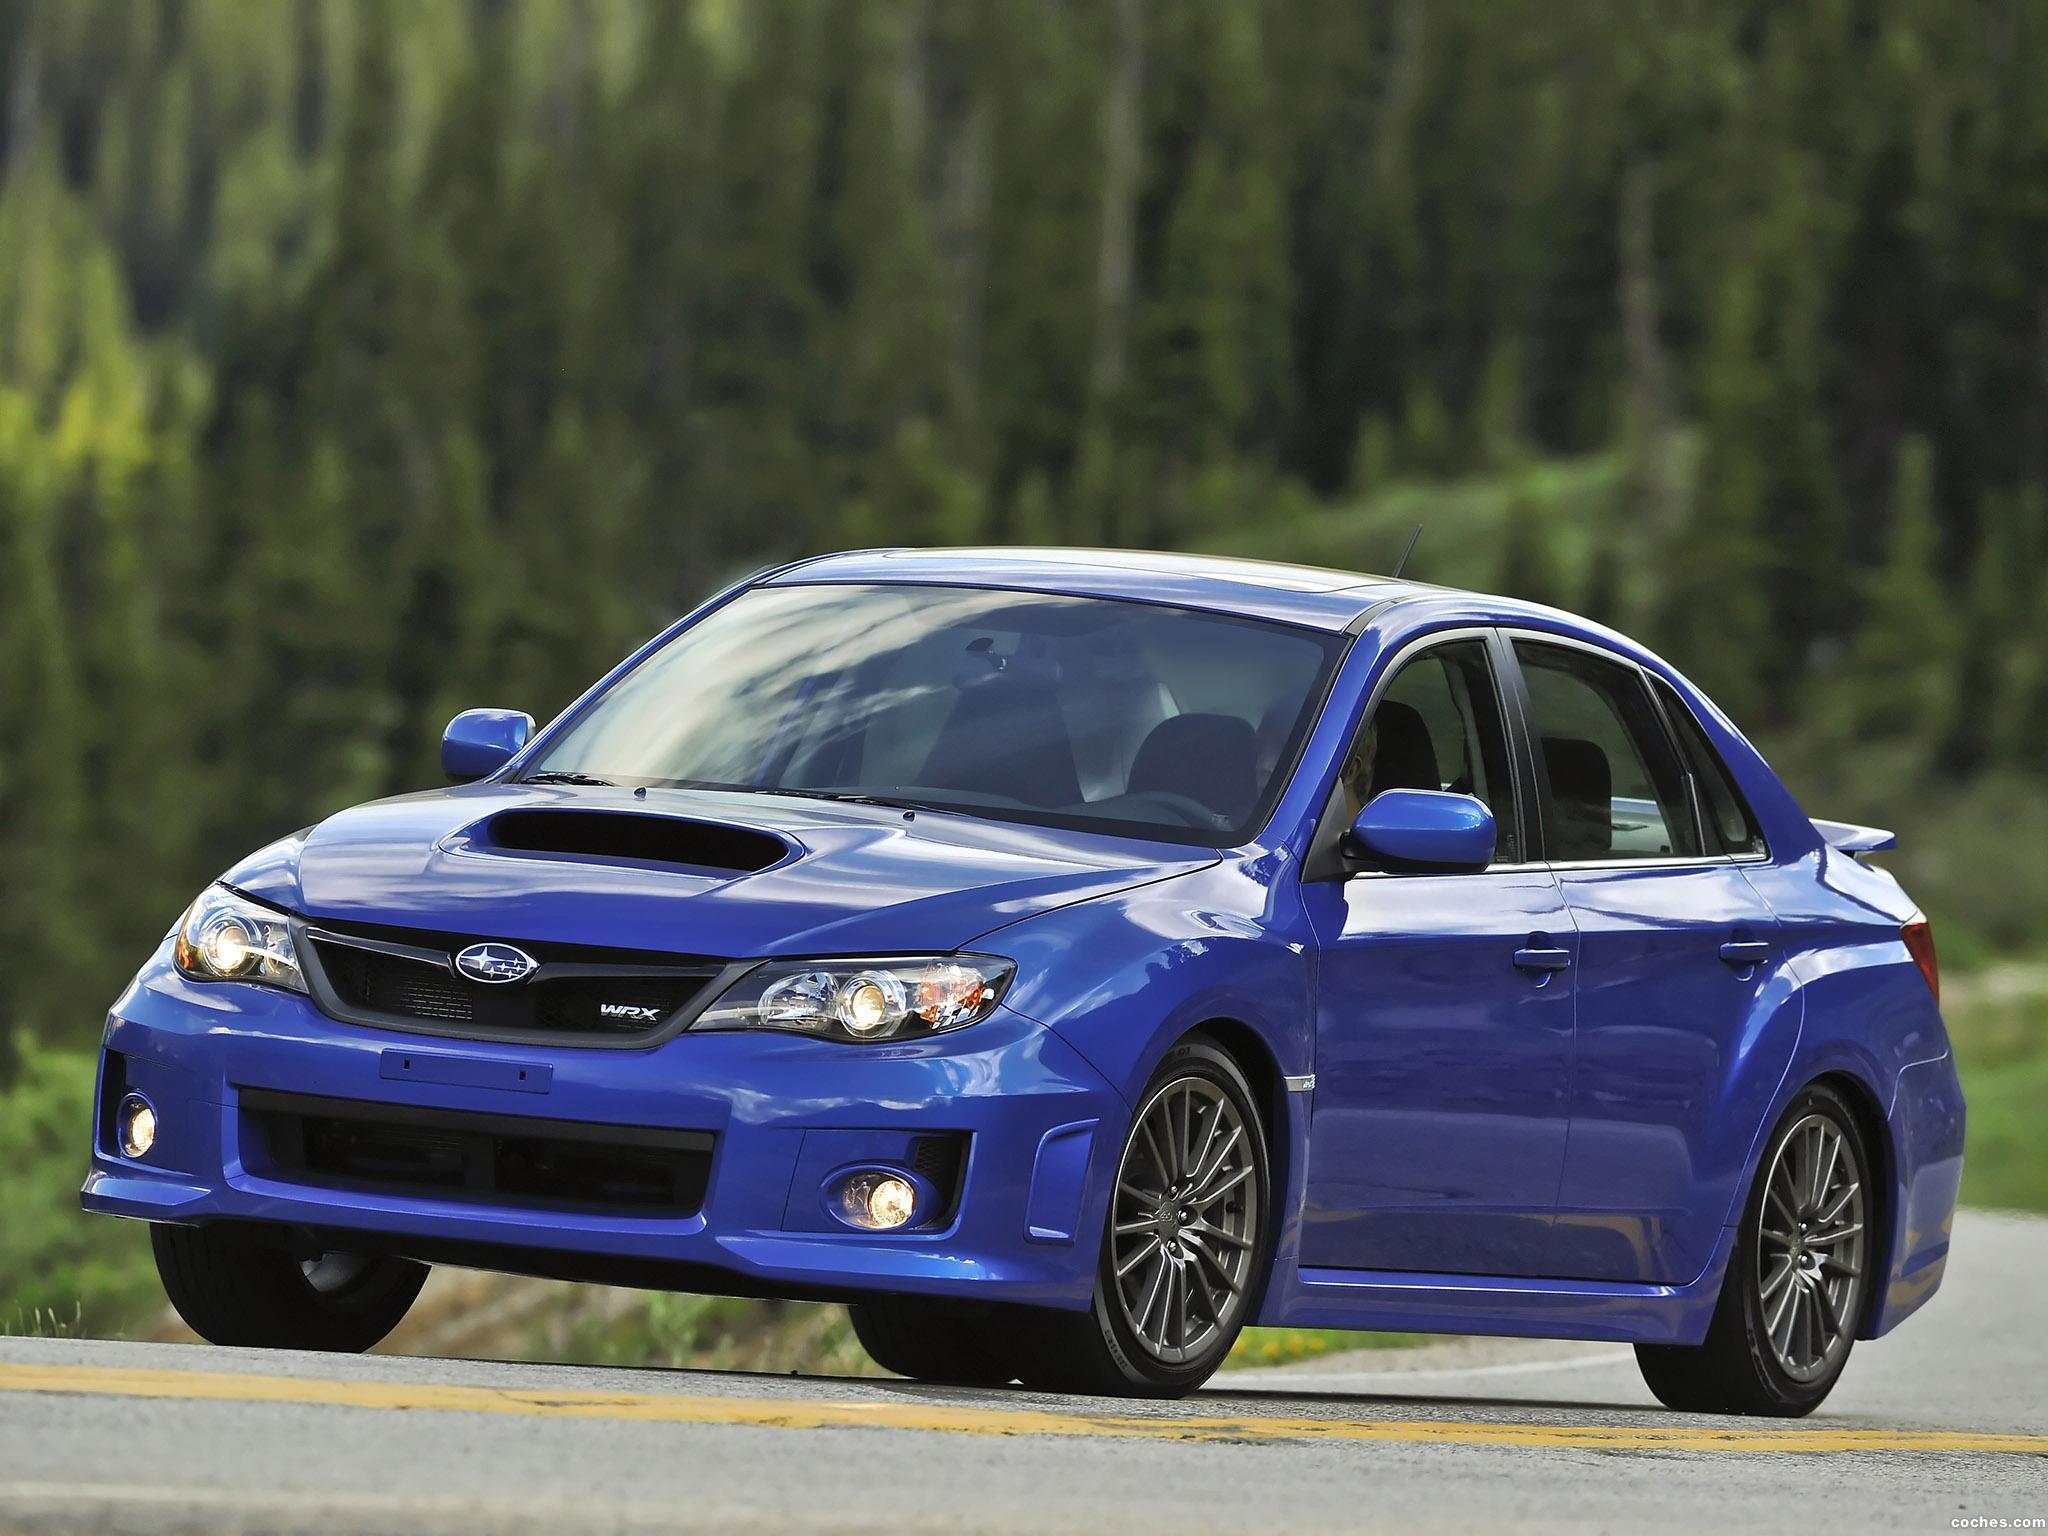 Foto 6 de Subaru Impreza WRX Sedan USA 2010